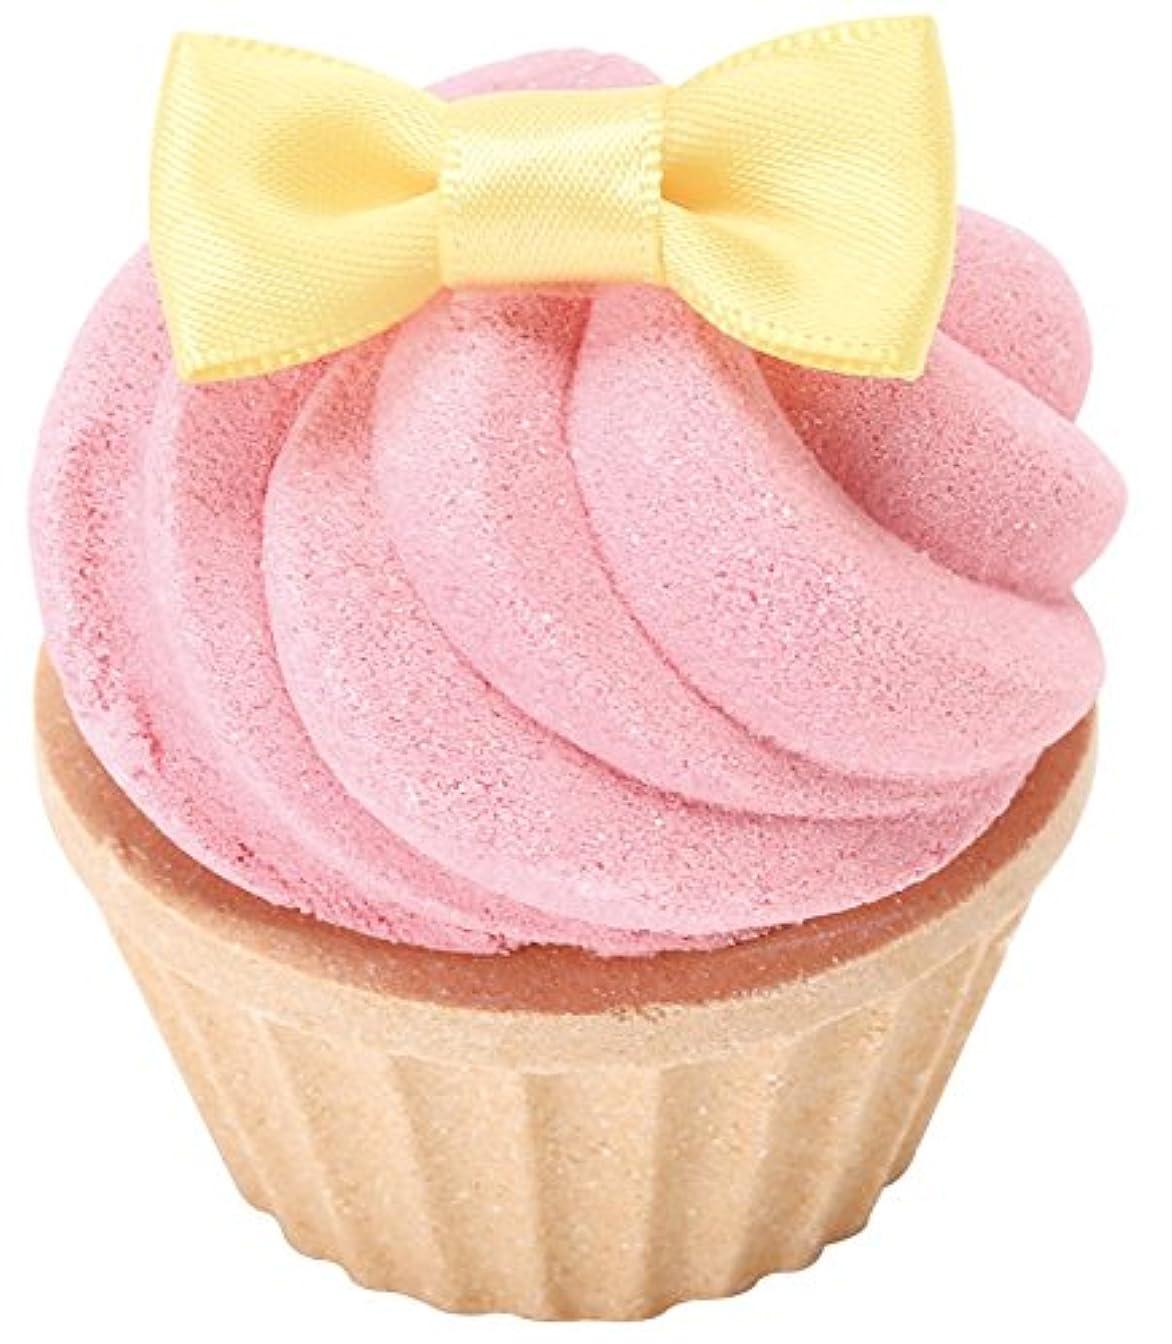 不承認肺誤ってノルコーポレーション お風呂用 芳香剤 おめかしカップケーキフィズ 60g ラズベリーの香り OB-SMM-14-1